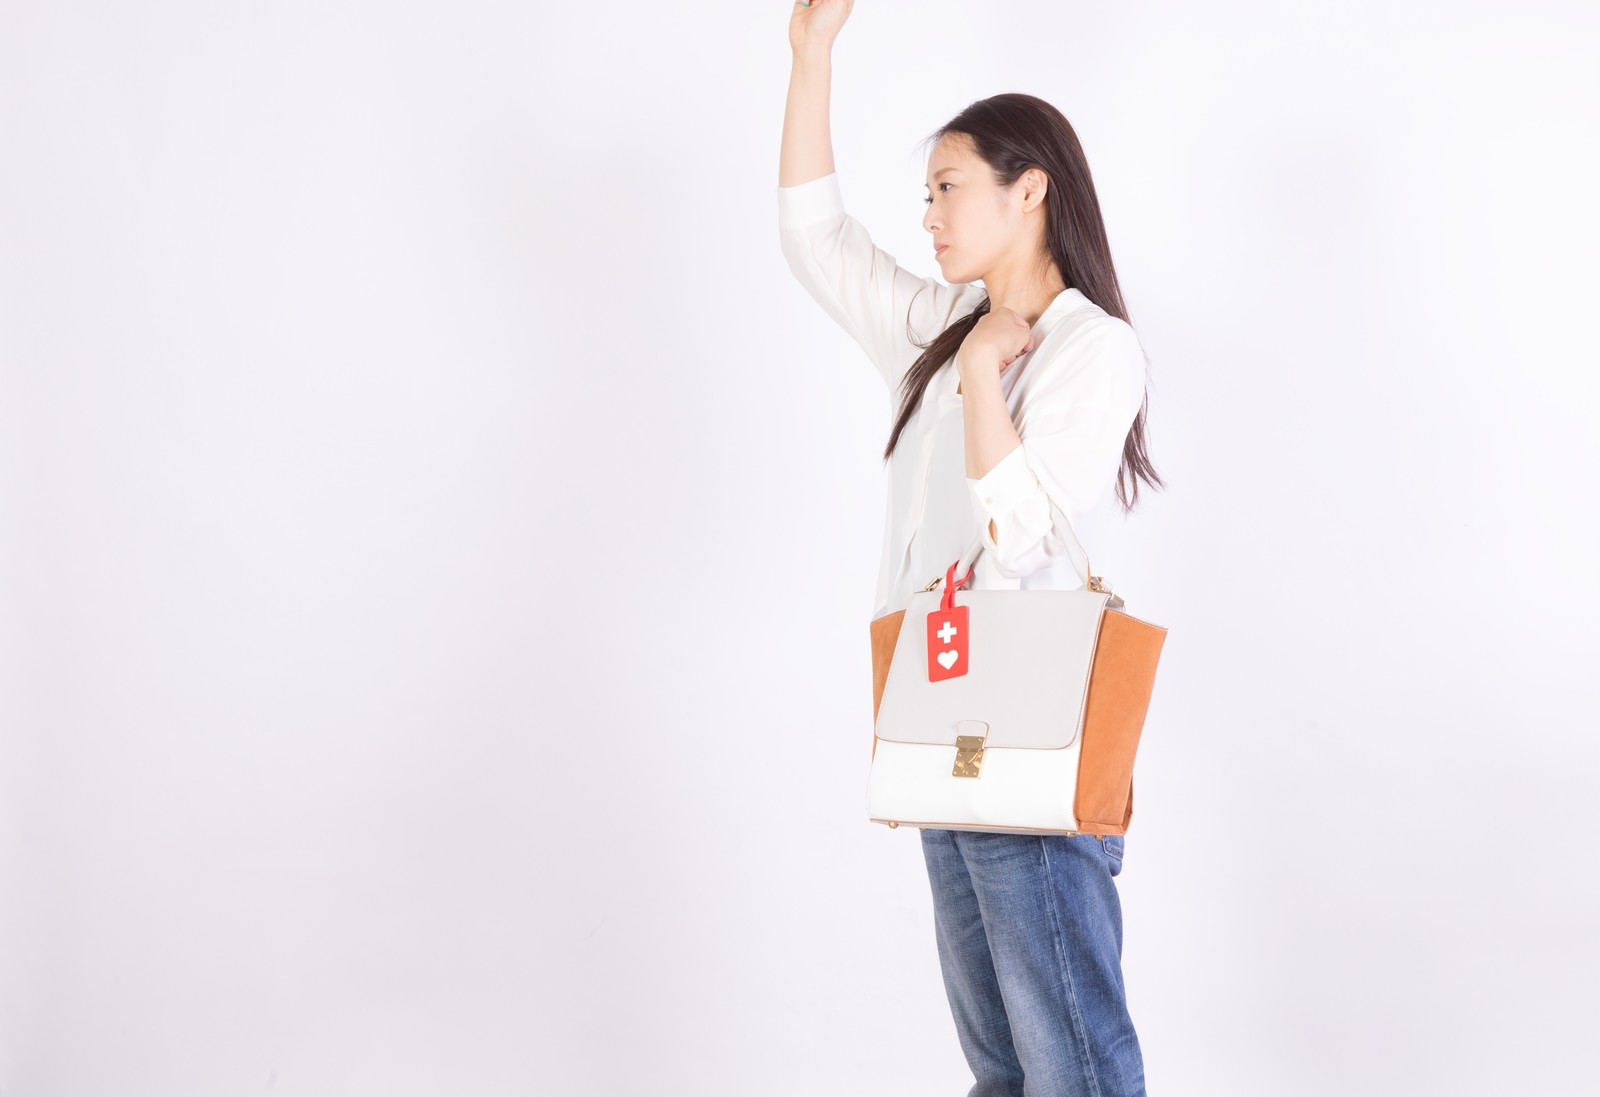 「吊革につかまるヘルプマーク所有者(女性)」の写真[モデル:土本寛子]